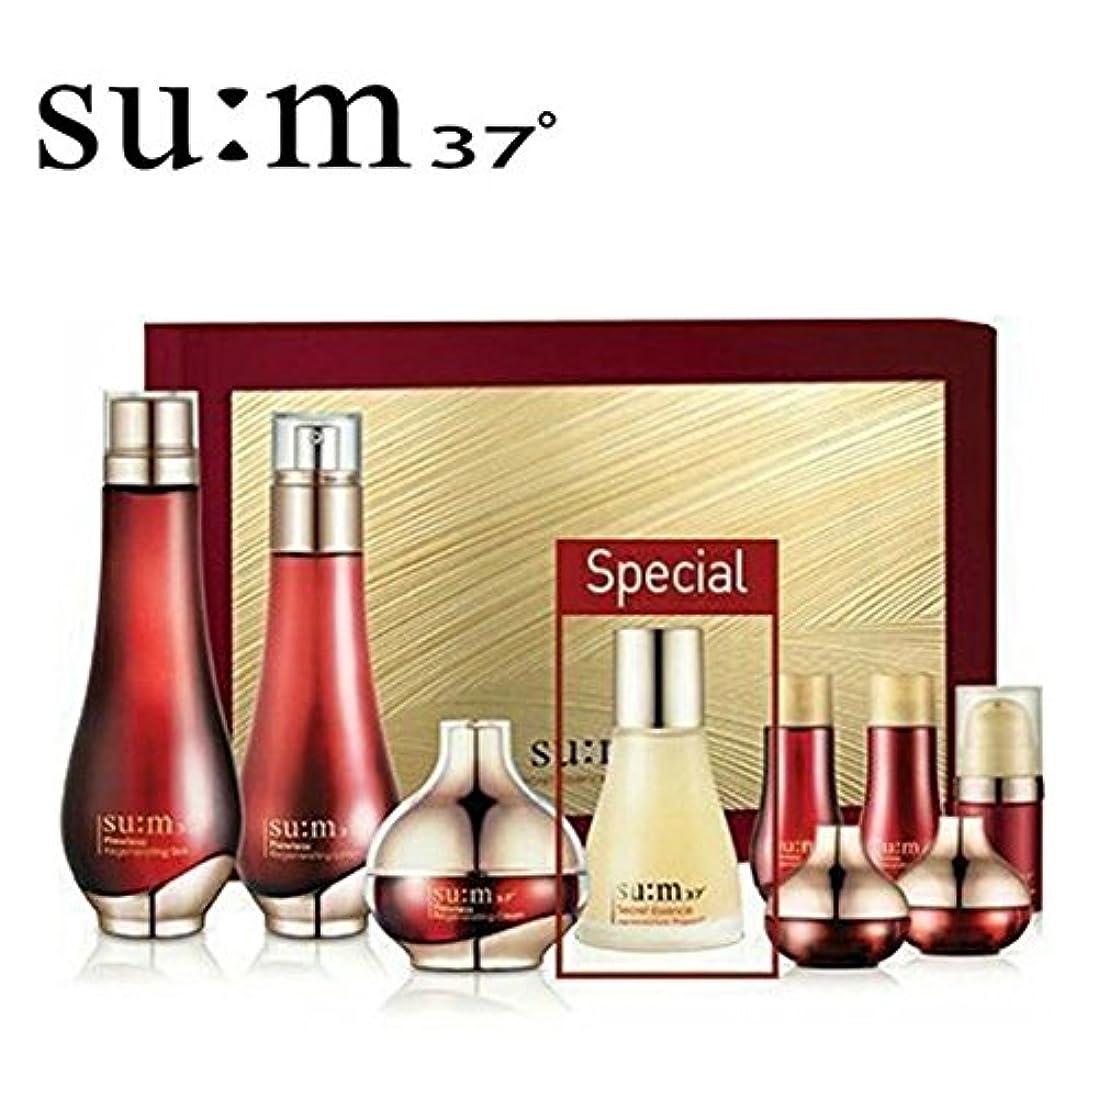 アーティキュレーション地平線キロメートル[su:m37/スム37°] SUM37 Flowless Special Set/ sum37 スム37? フローレス 3種 企画セット +[Sample Gift](海外直送品)